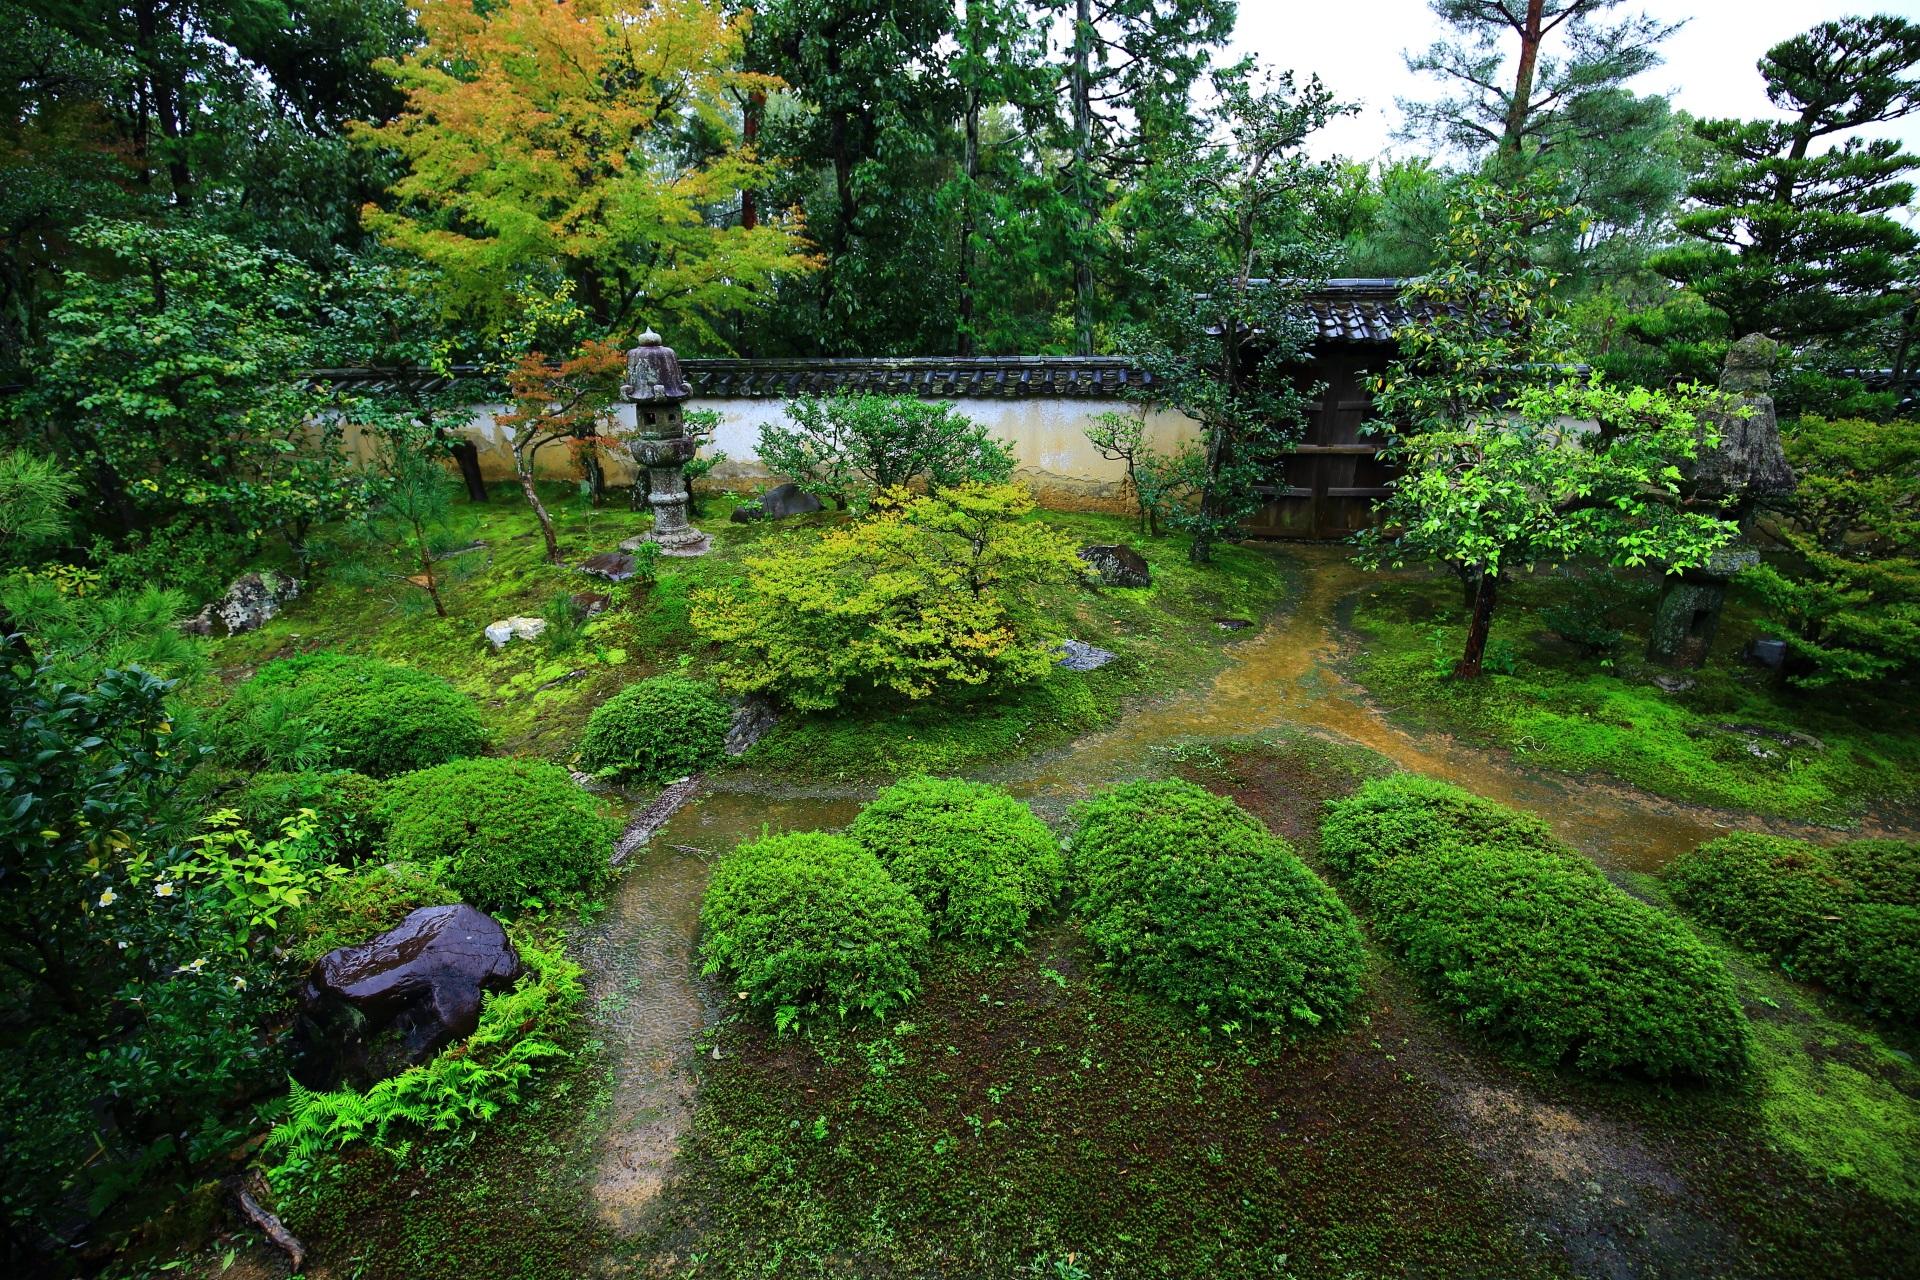 様々な植物が植えられた大雄院の庭園